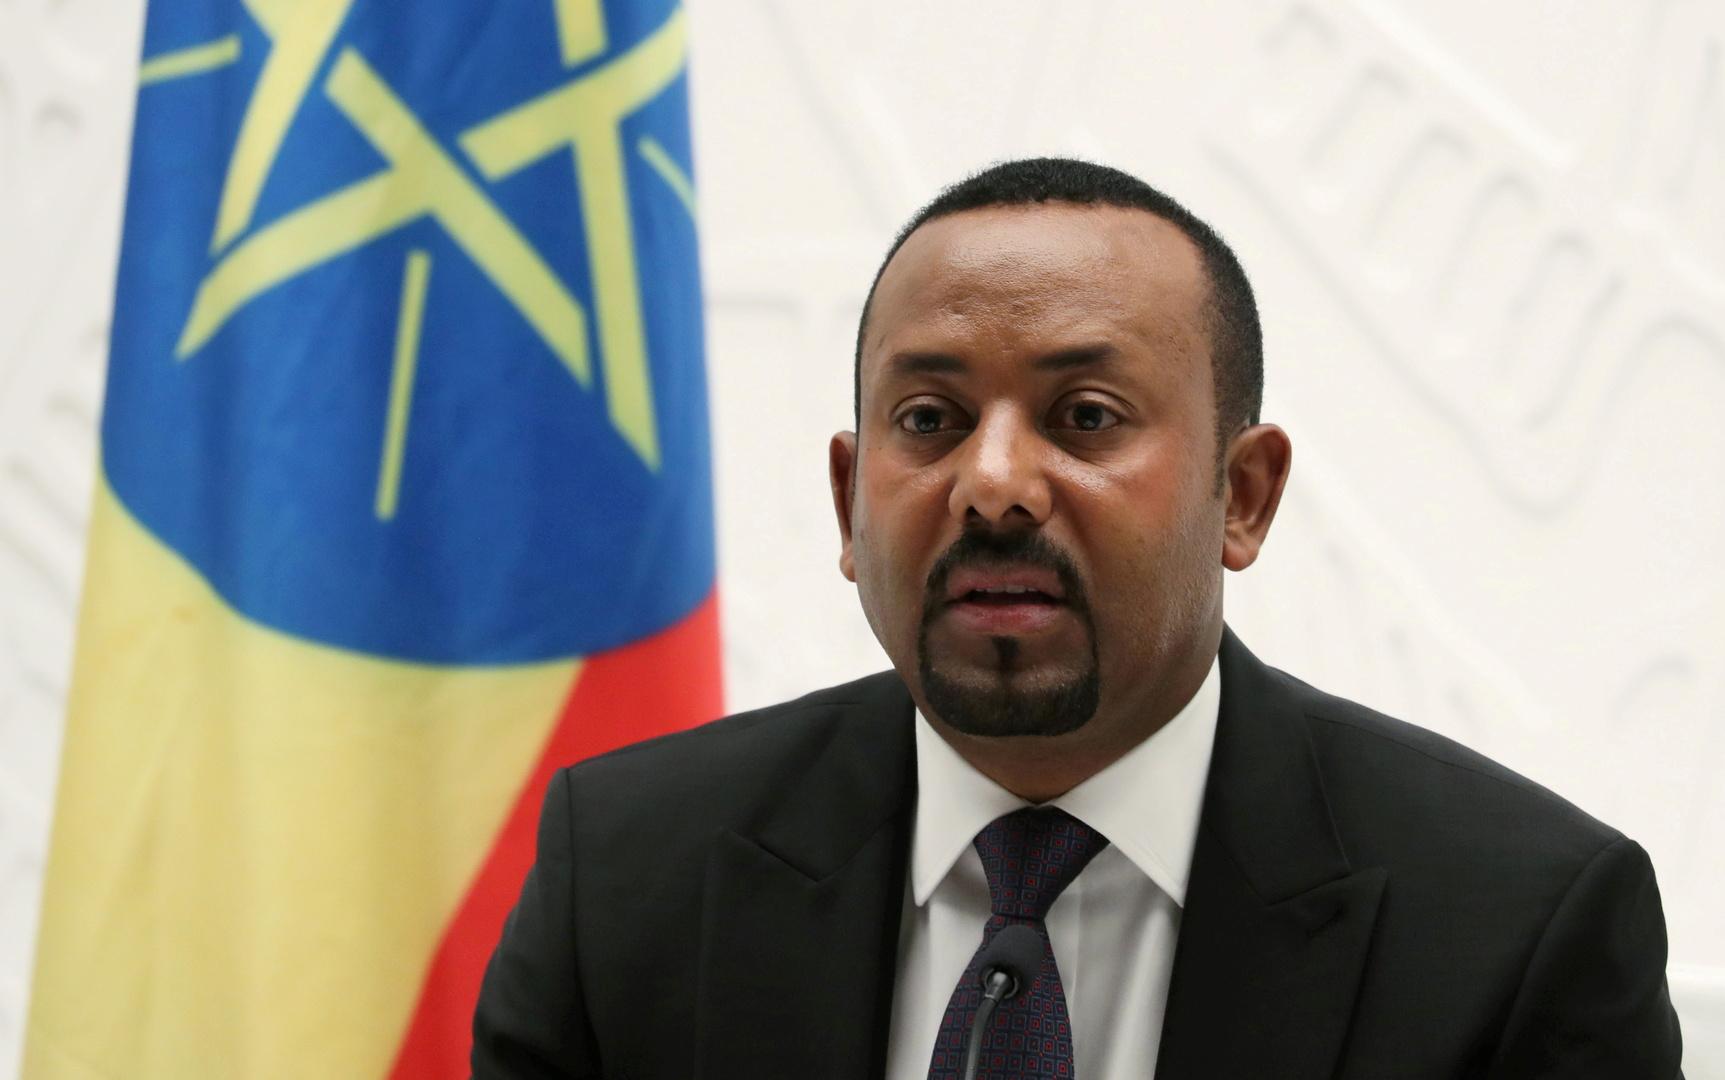 رئيس الوزراء الإثيوبي، أبي أحمد.